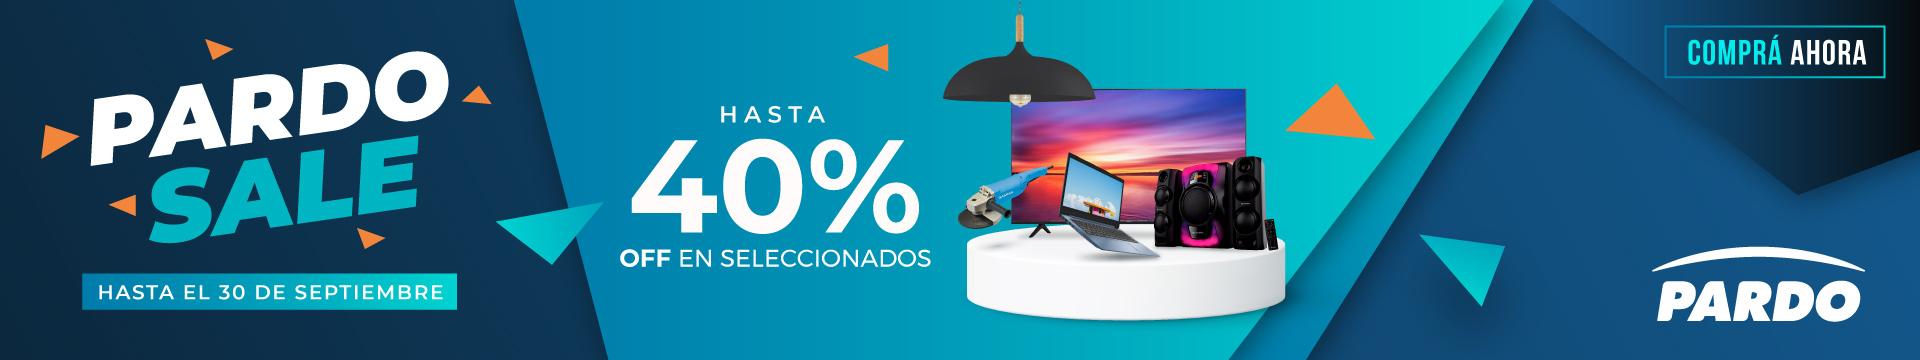 Pardo Sale Ofertas Ahora 18 Smart TV Notebook Celulares